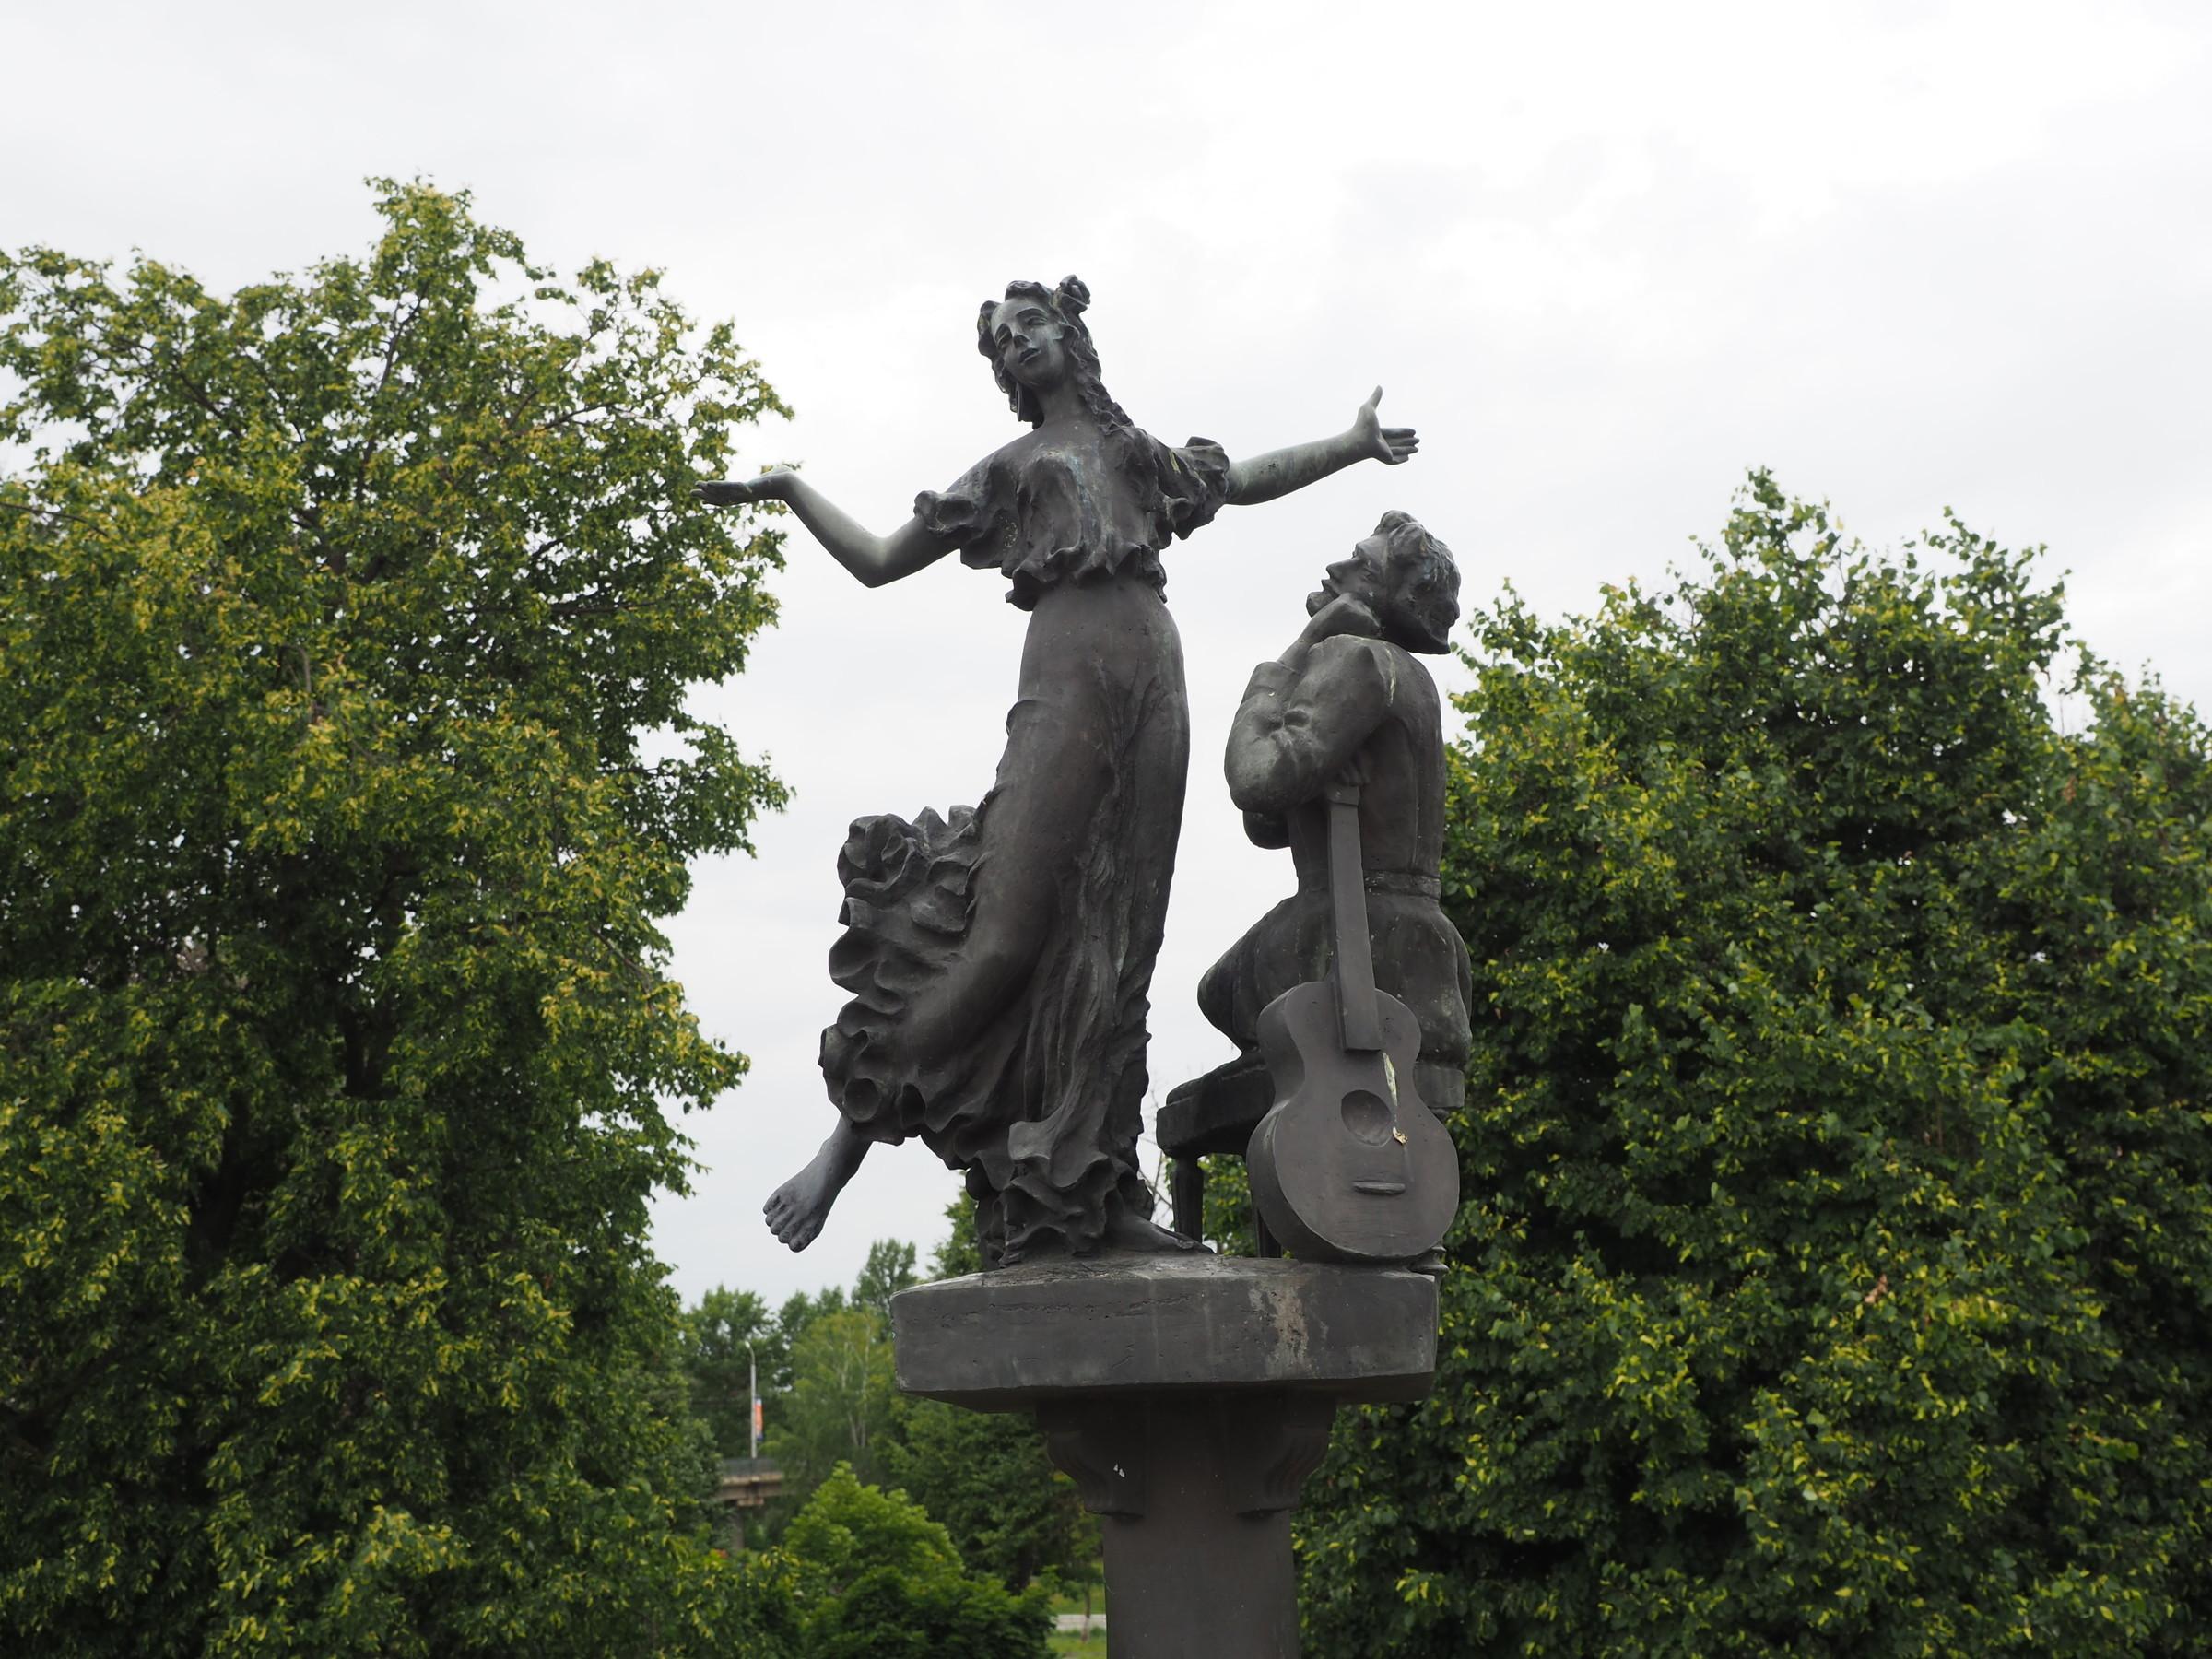 памятник лескову в орле картинка документы